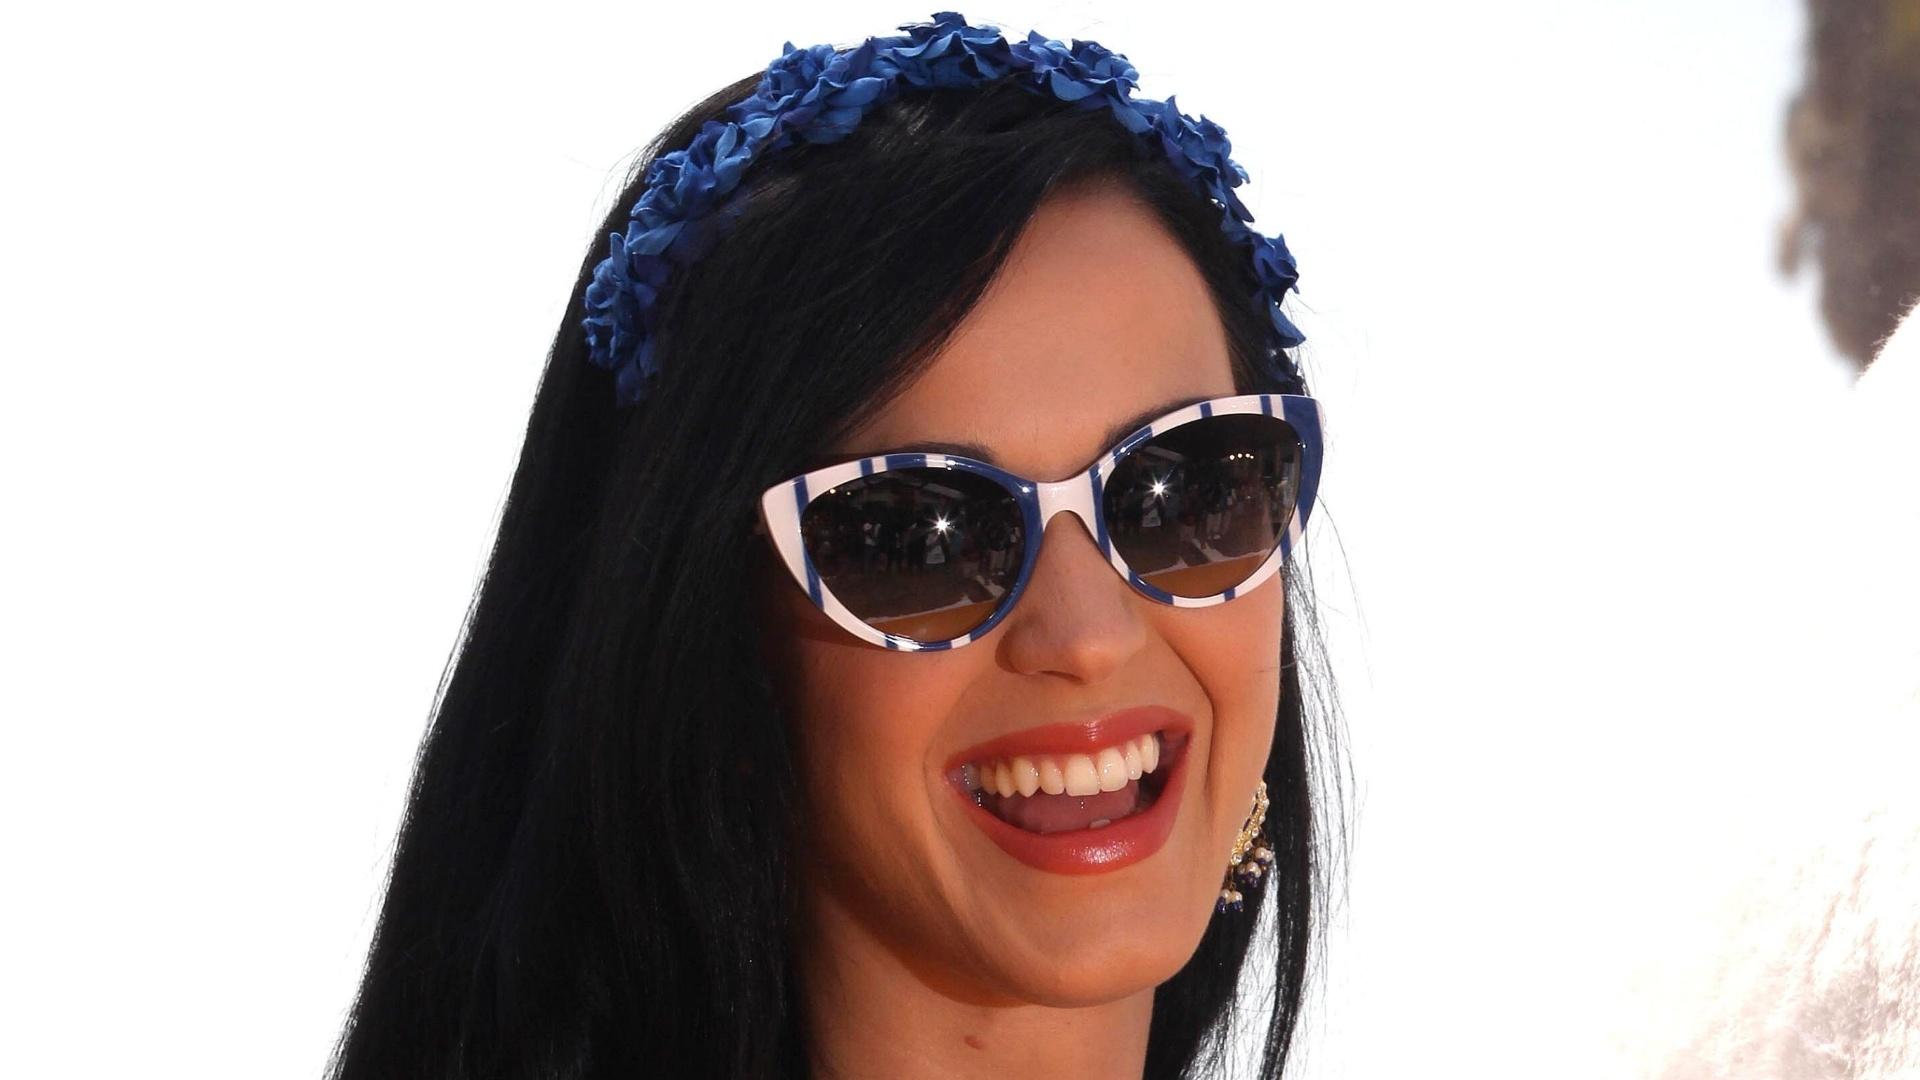 22.Abr.2013 - Katy Perry, durante evento promocional do filme